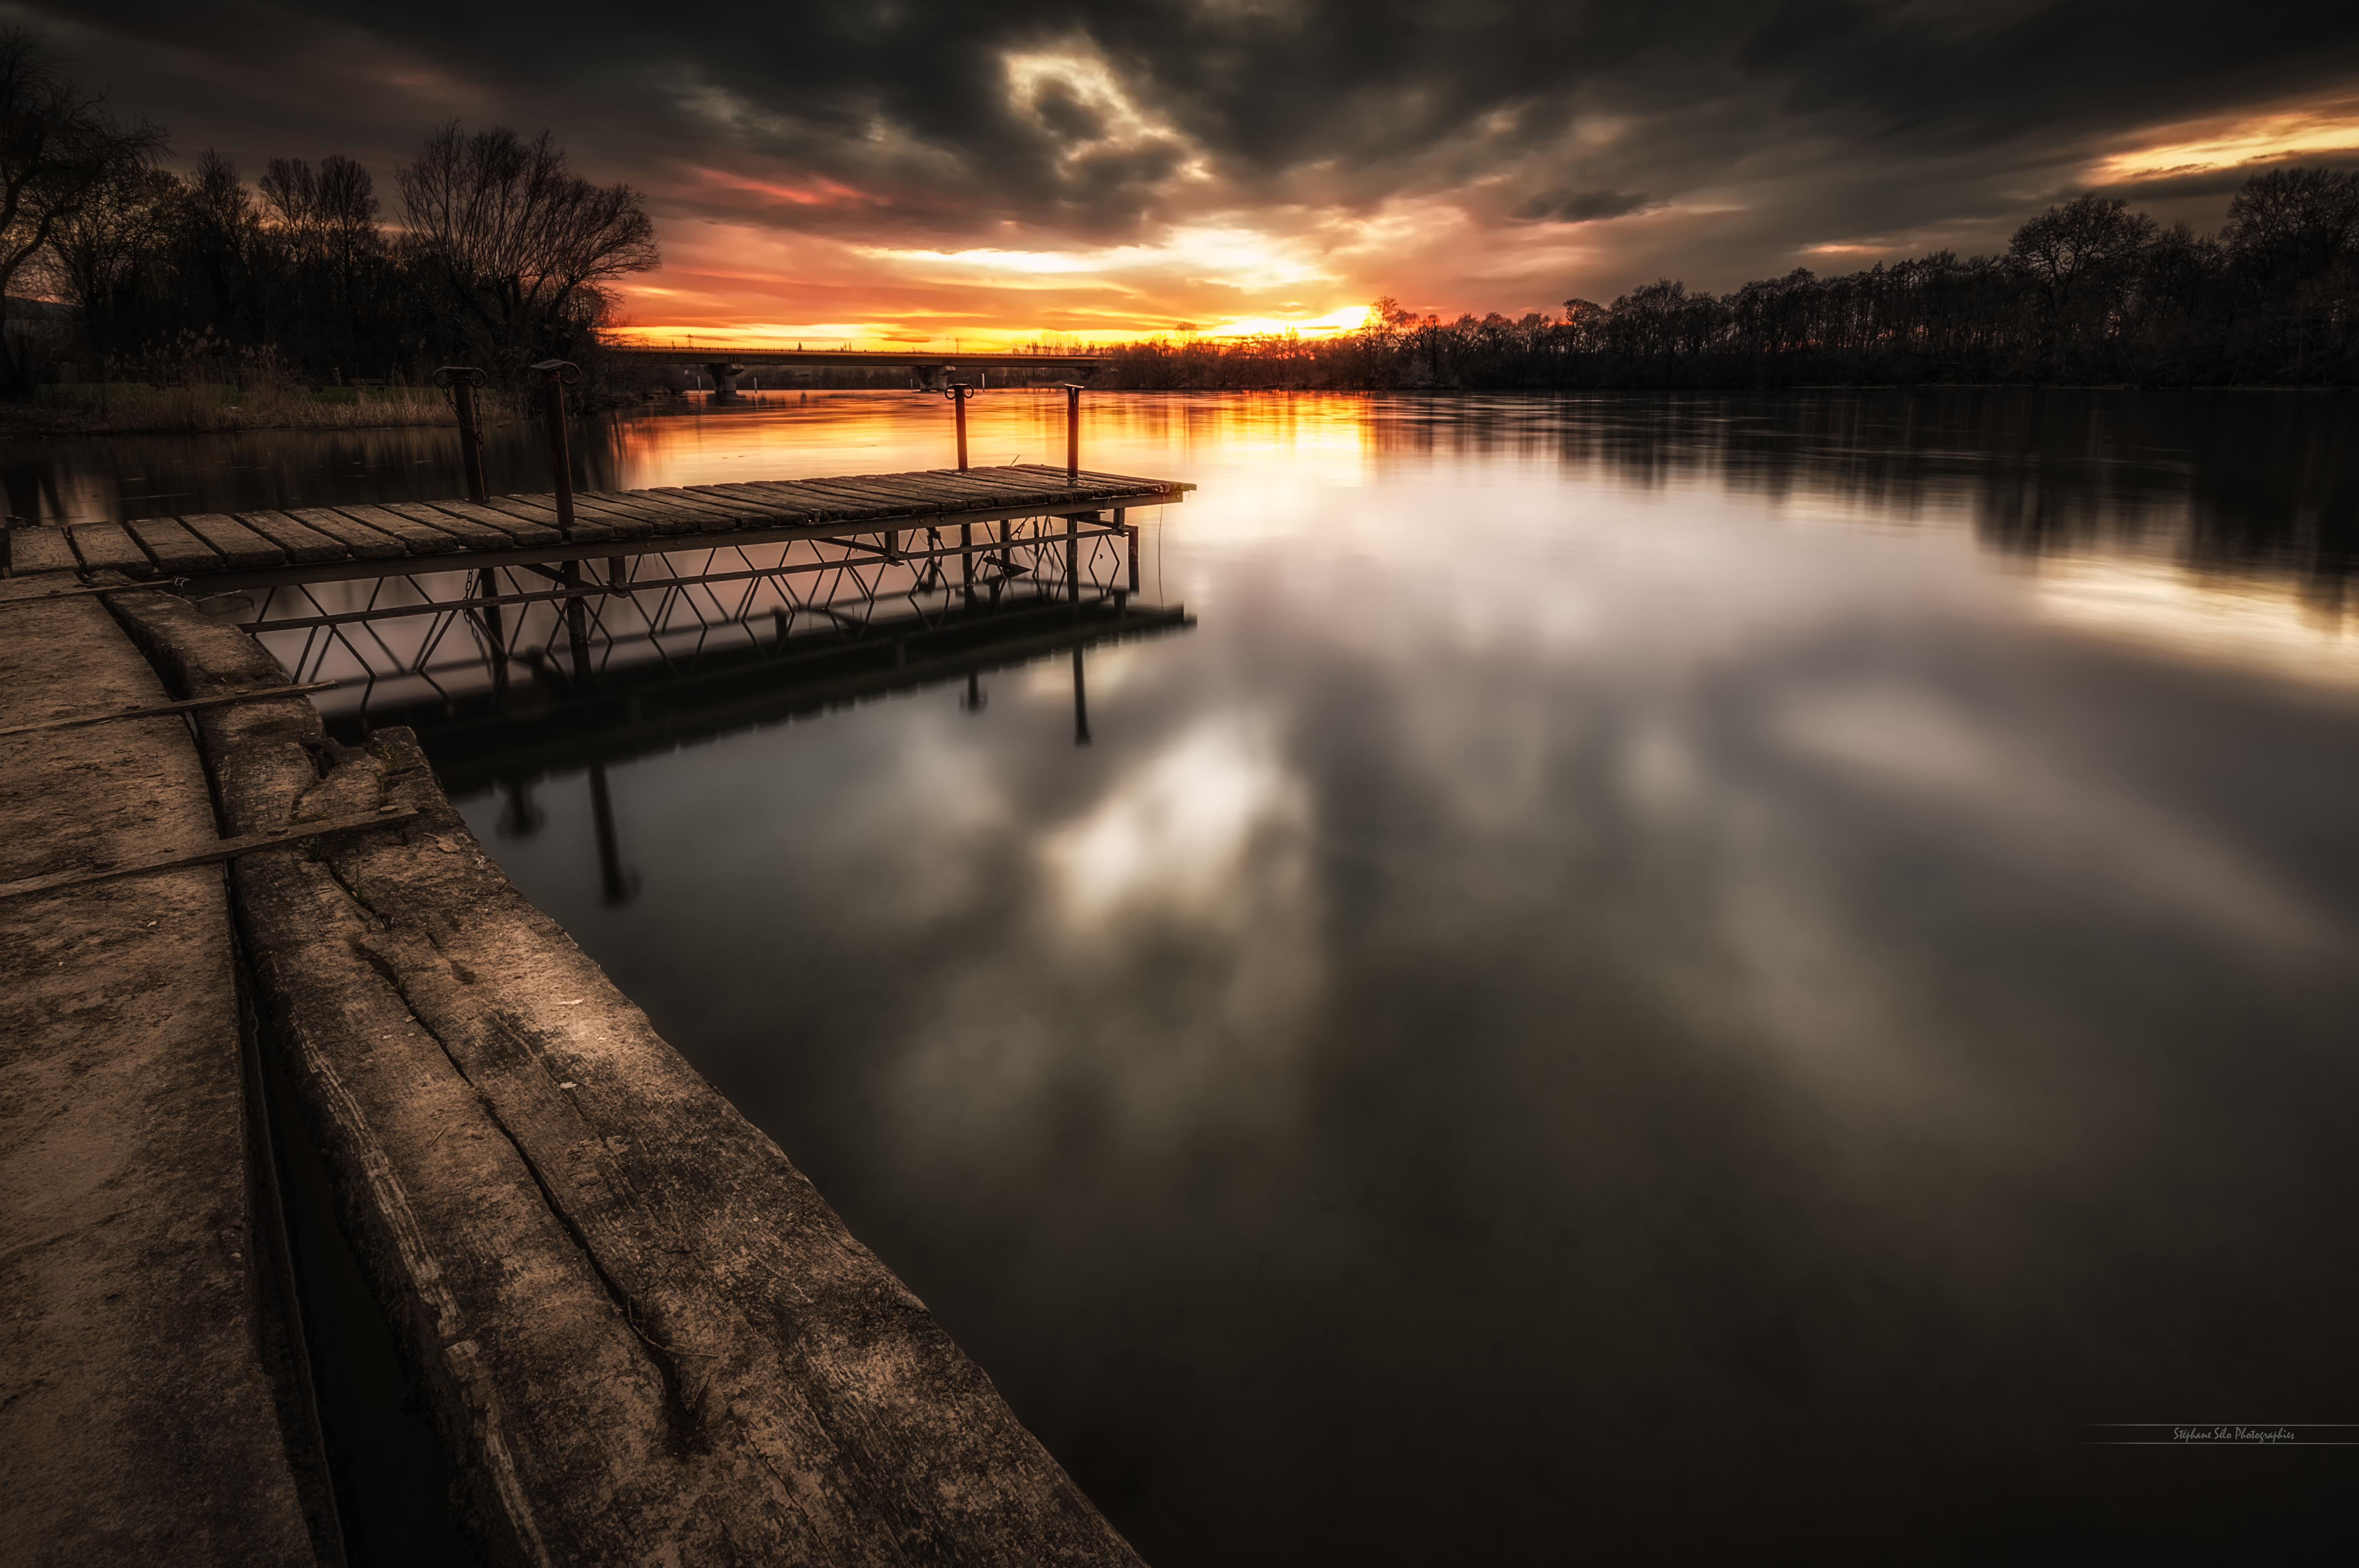 Lever et coucher du soleil lyon - L heure du coucher du soleil aujourd hui ...